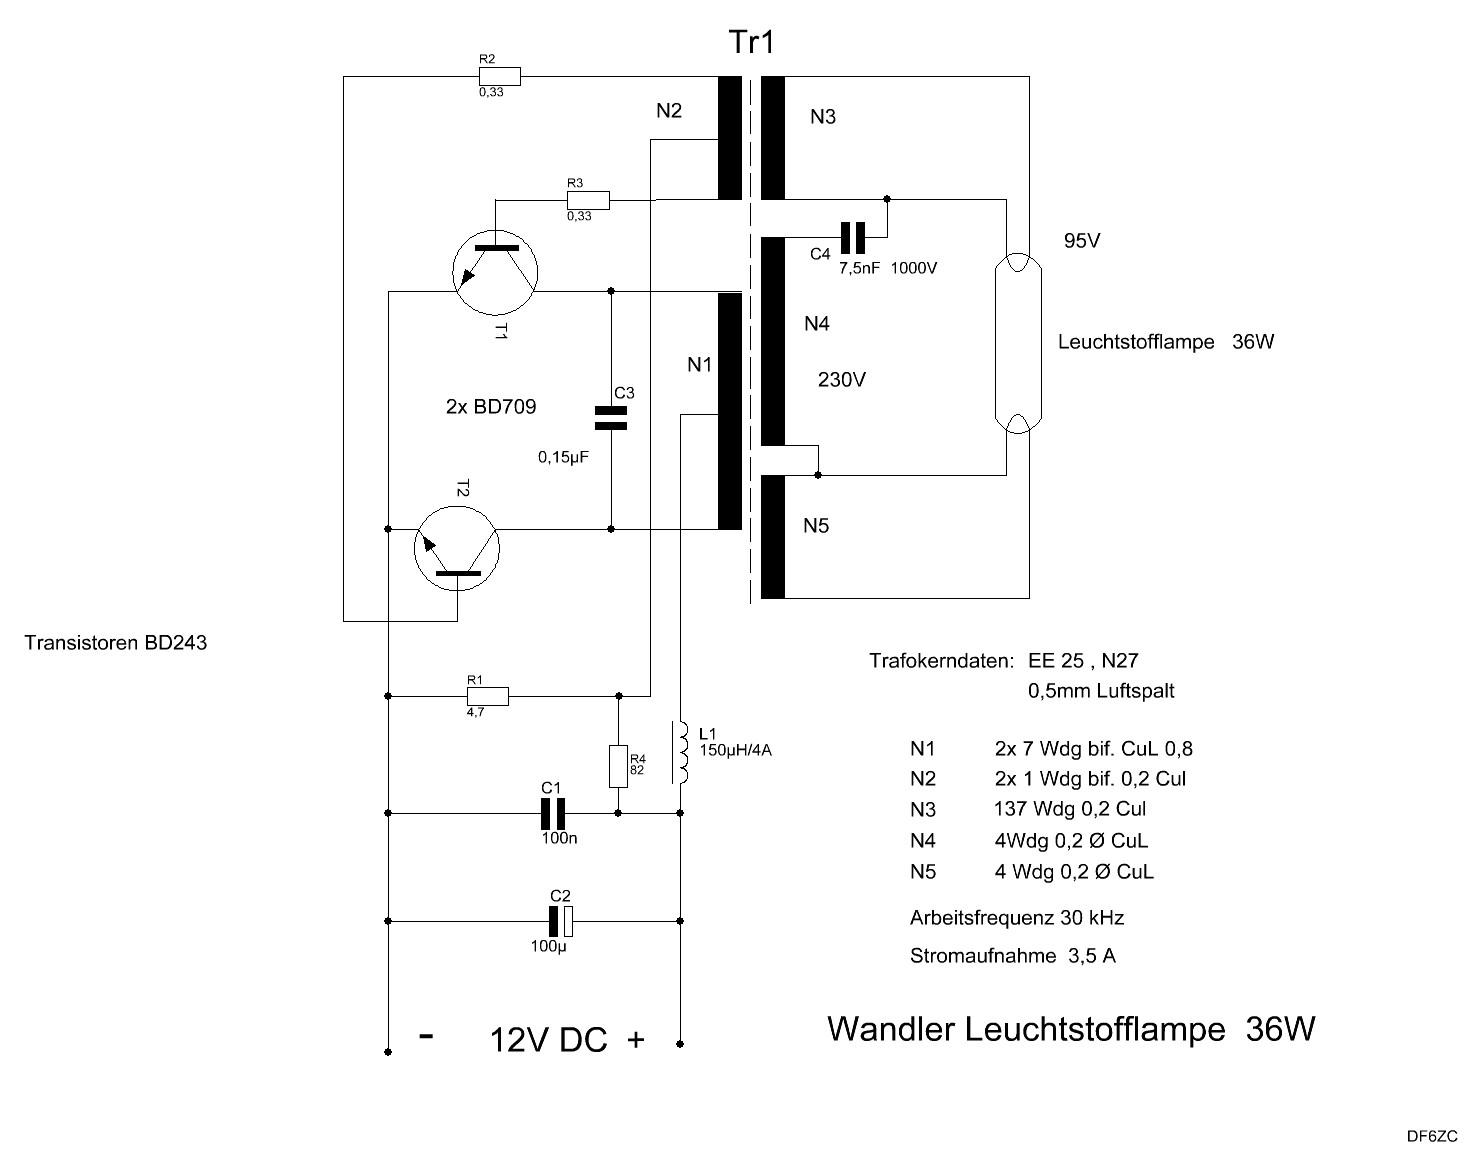 Großzügig Schaltplan Für Leuchtstofflampen 4 Fotos - Der Schaltplan ...